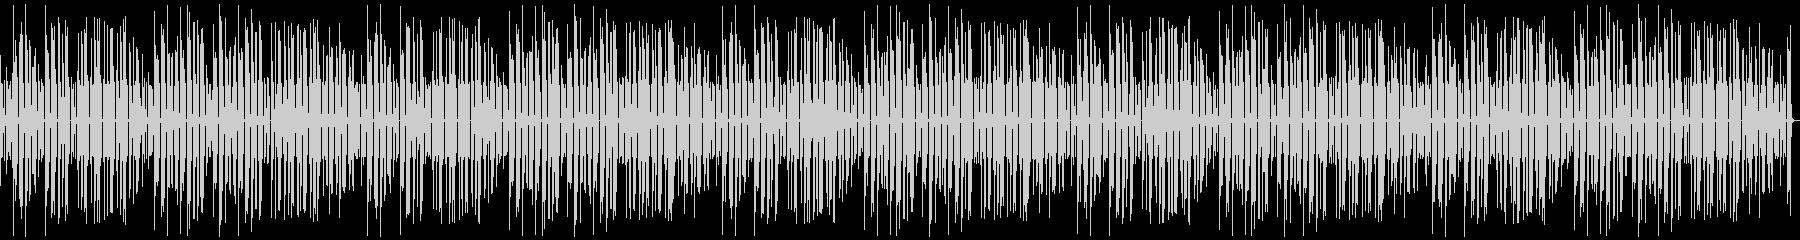 ゆるっとほのぼの日常、素朴な音色、10分の未再生の波形